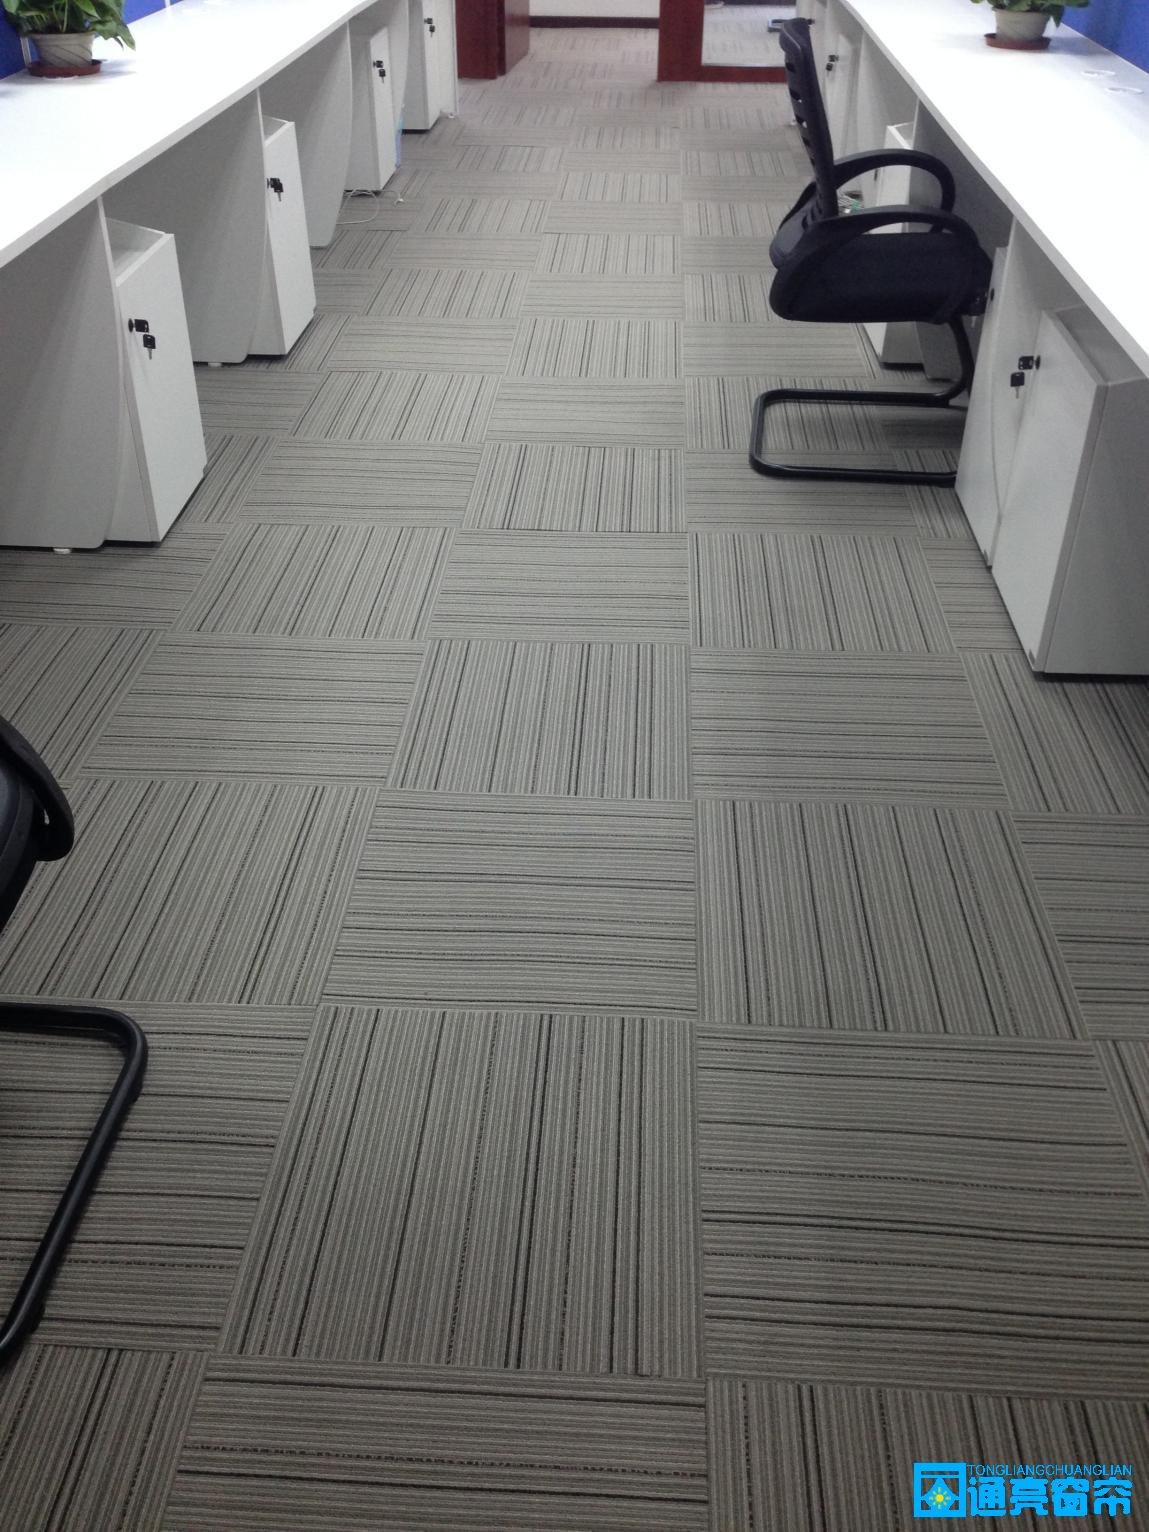 深圳市办公室地毯、福田区地毯、南山区地毯、深圳订做方块地毯、深圳地毯厂家、办公室地毯、地毯批发、地毯订做。  方块地毯加厚